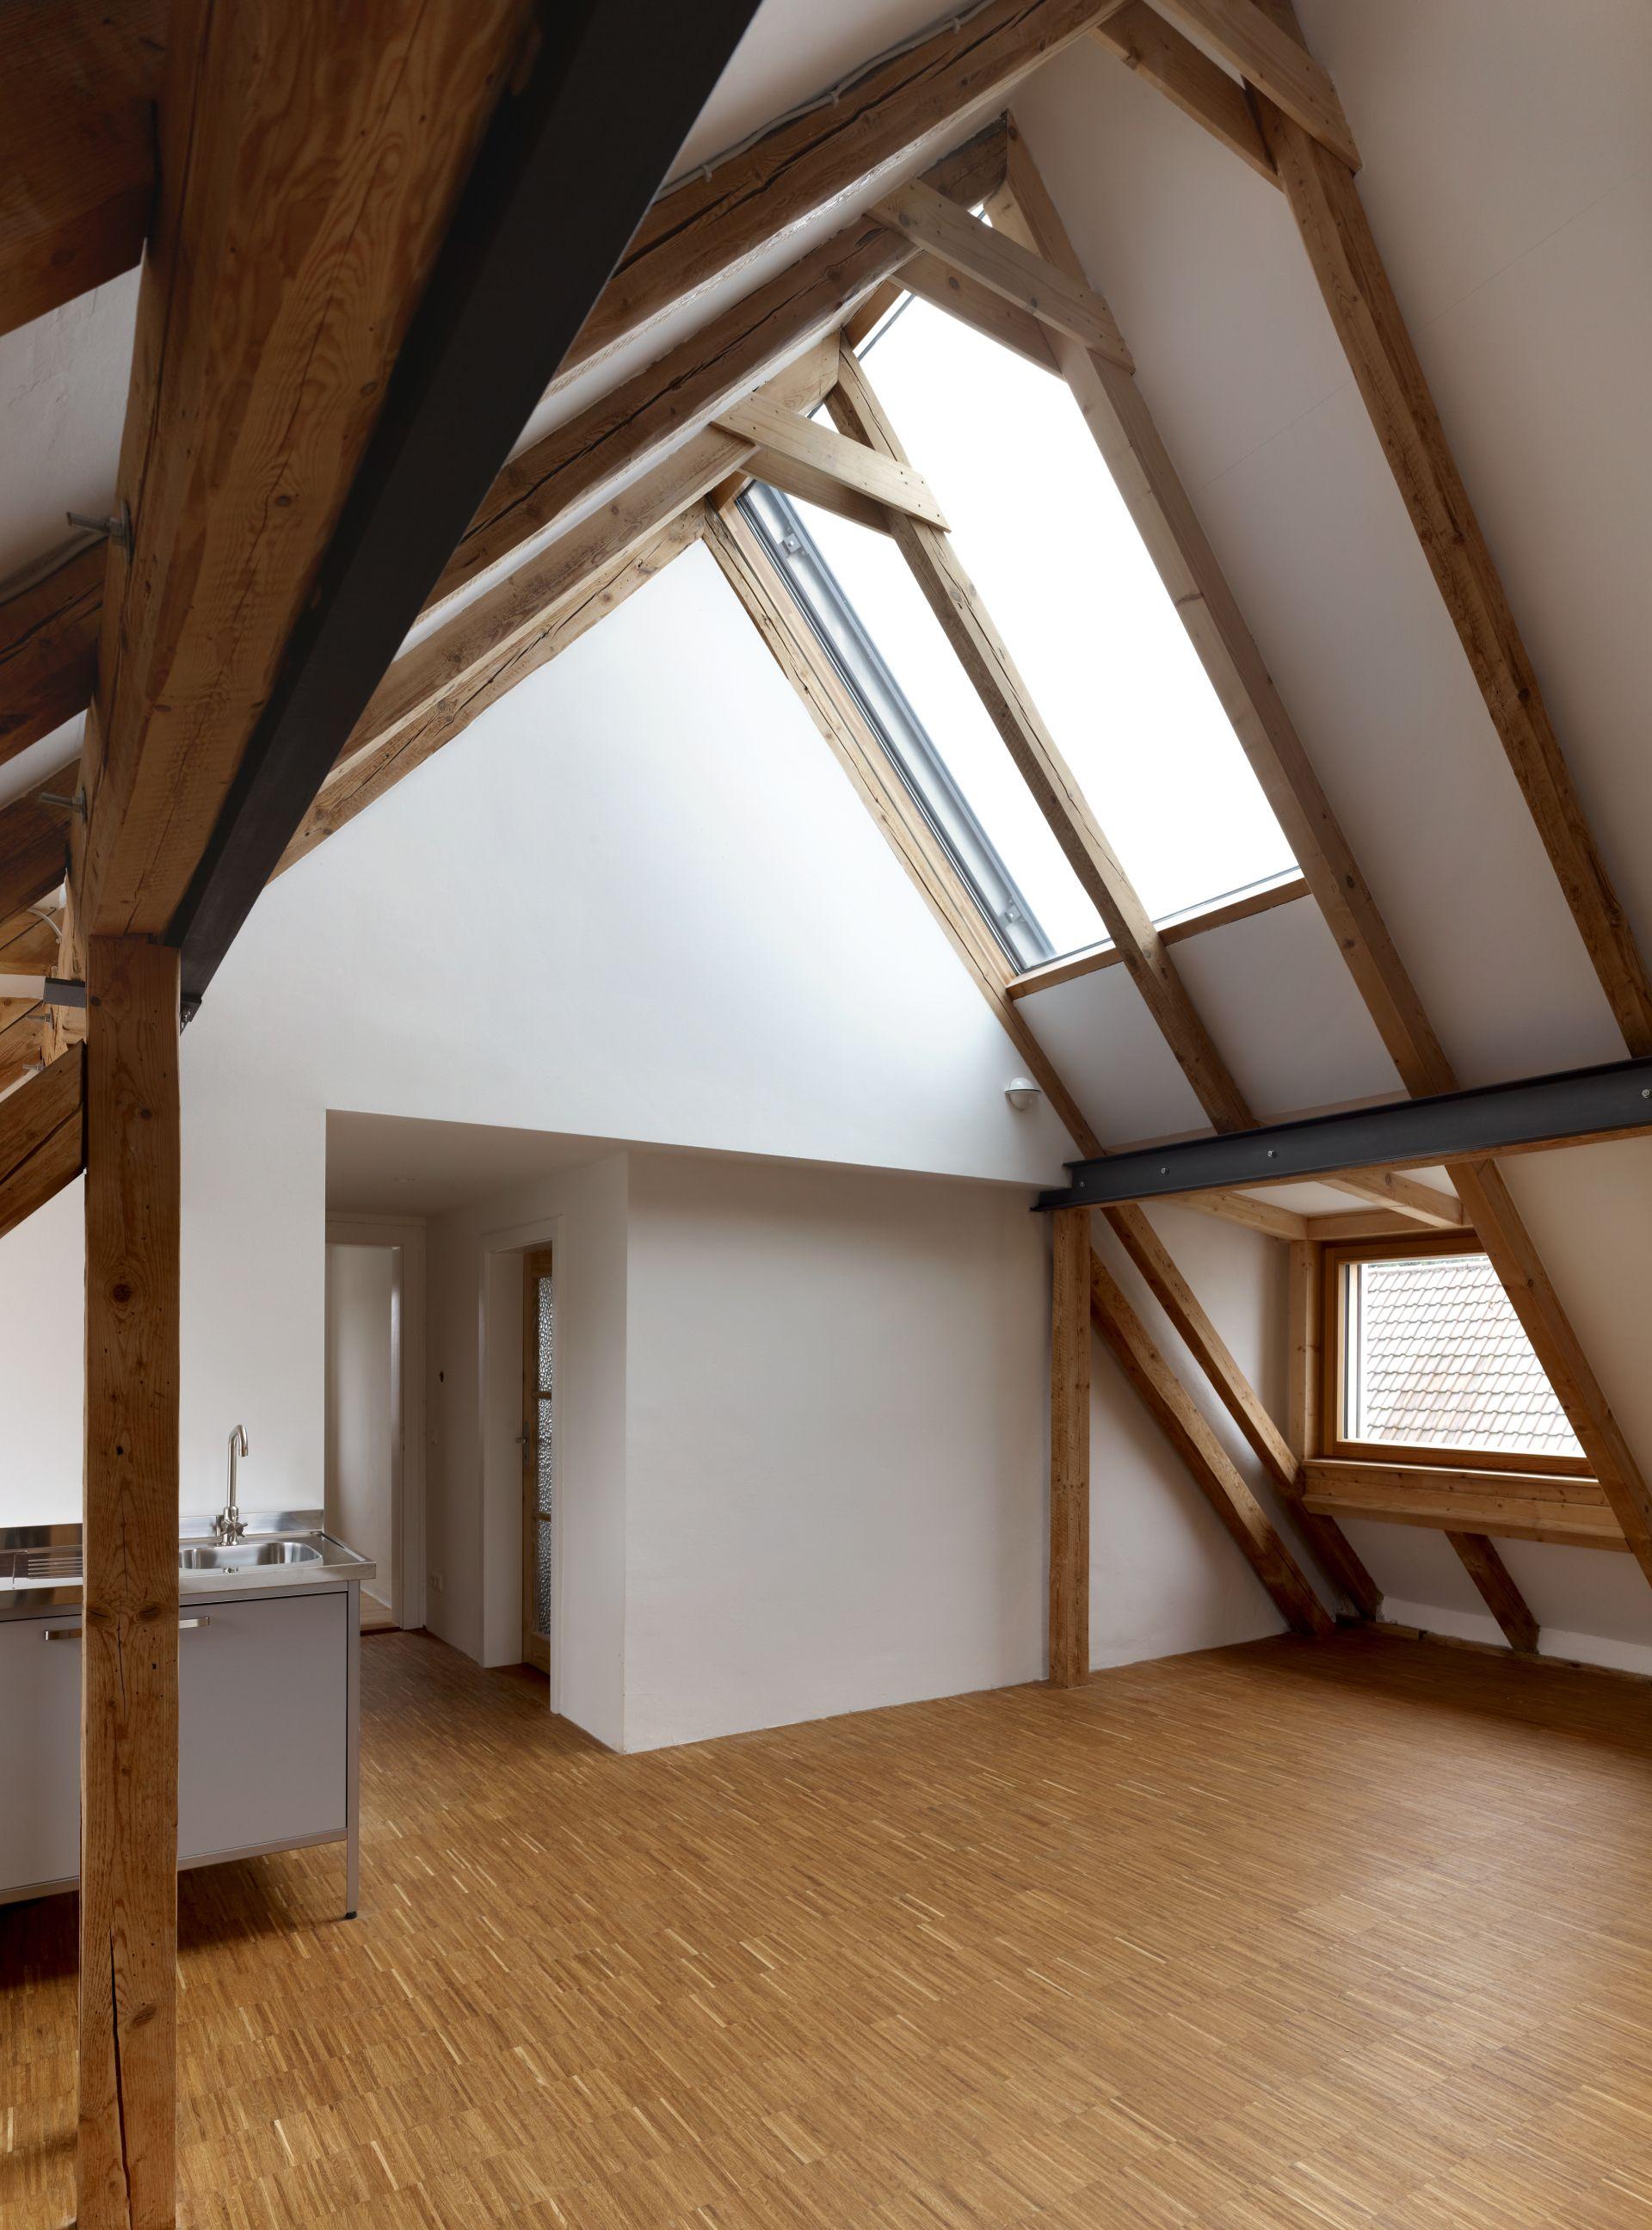 Wohnzimmer in gro z gigem dachgeschoss - Wohnzimmer dachgeschoss ...